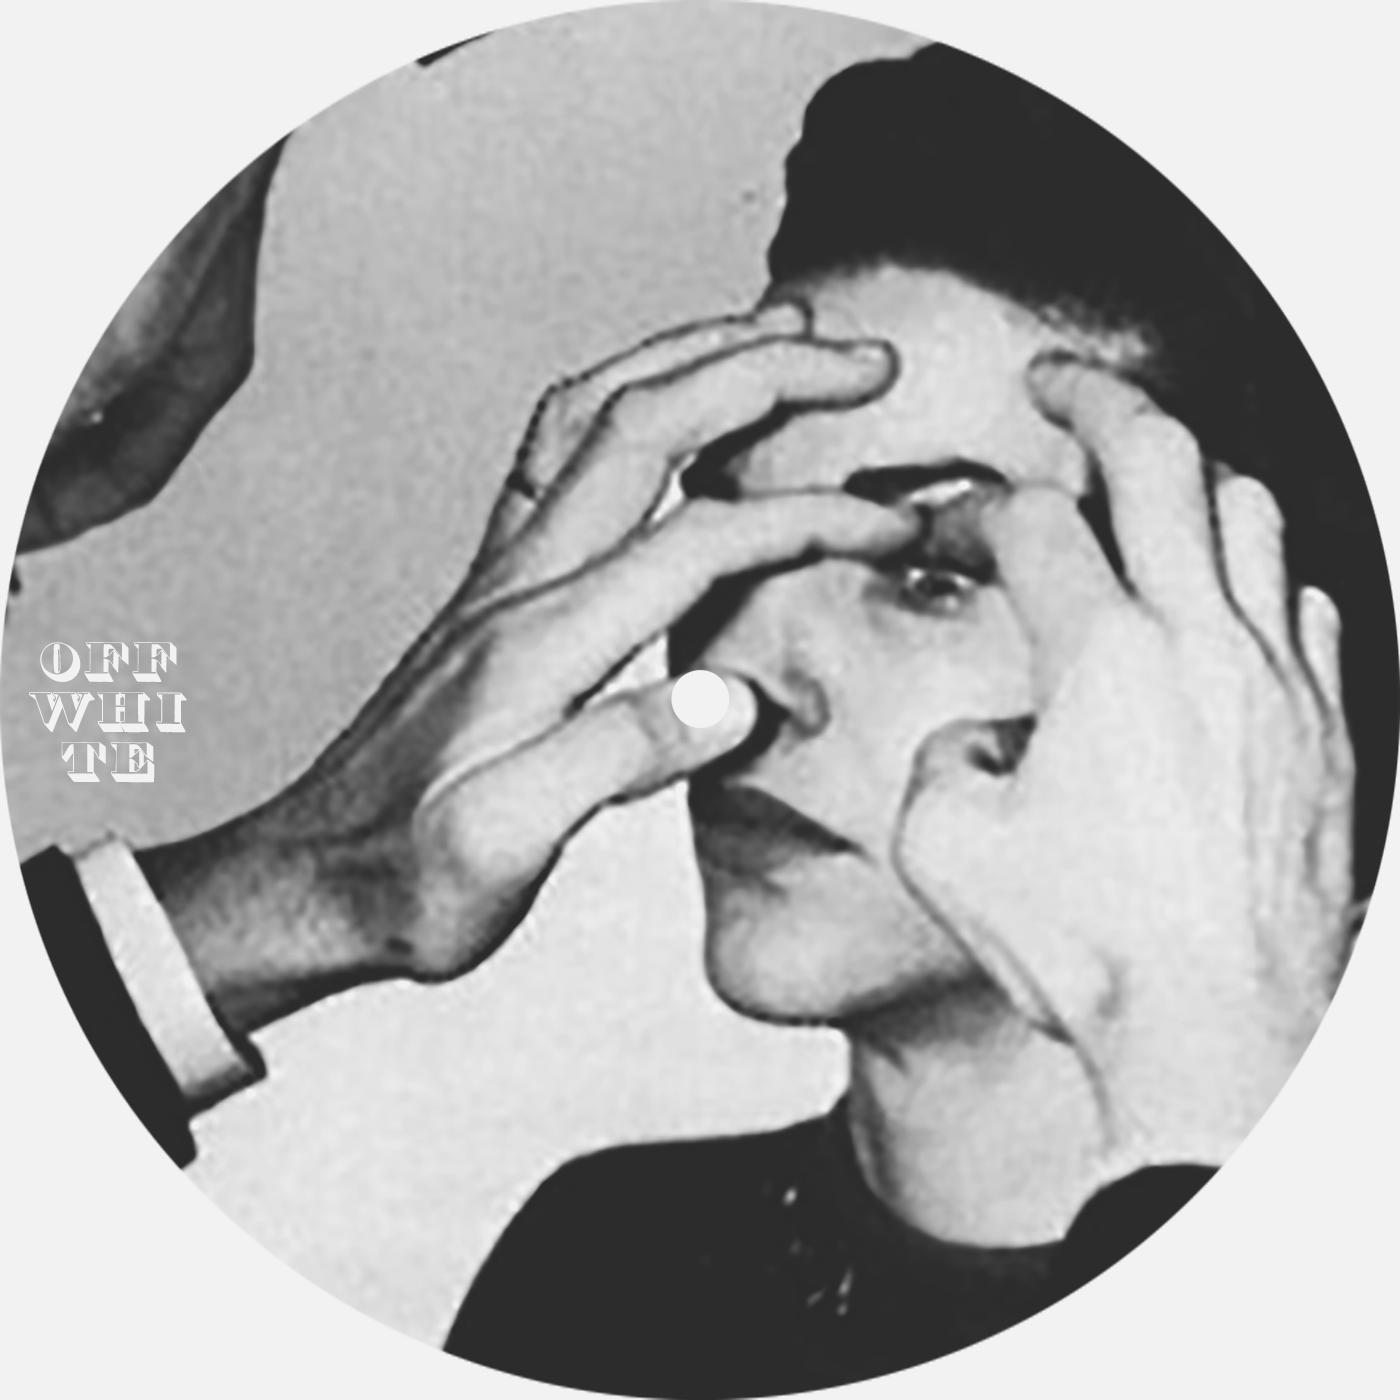 Unconscious - Sins (Original mix)